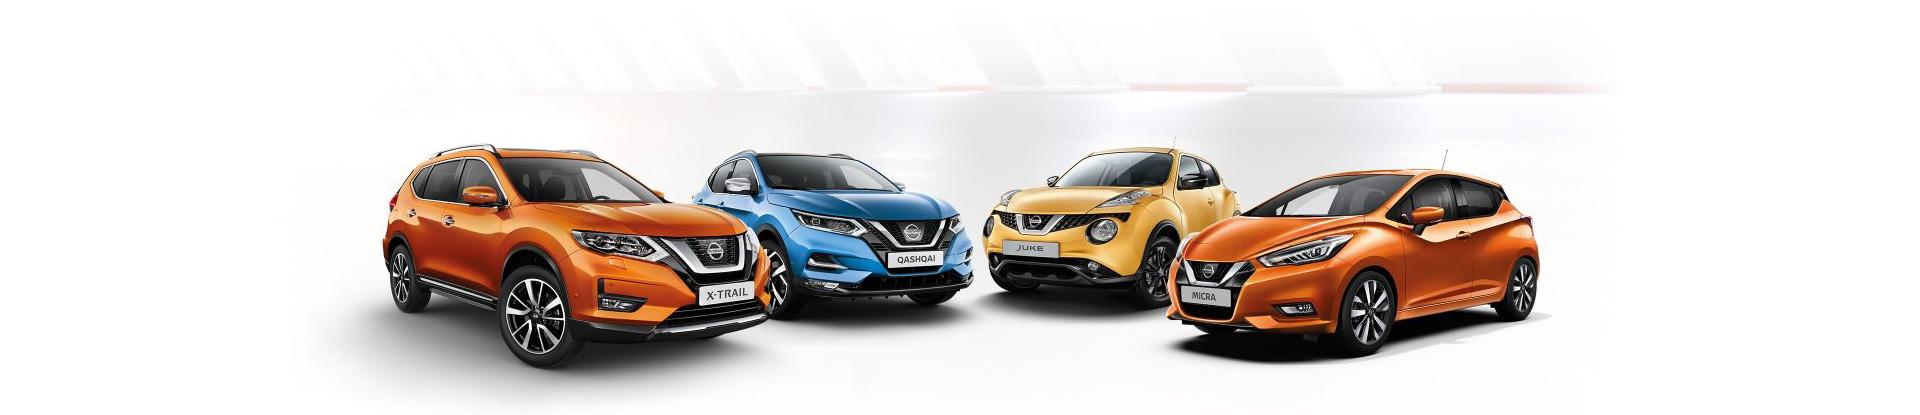 Nissan SUV Gebrauchtwagen